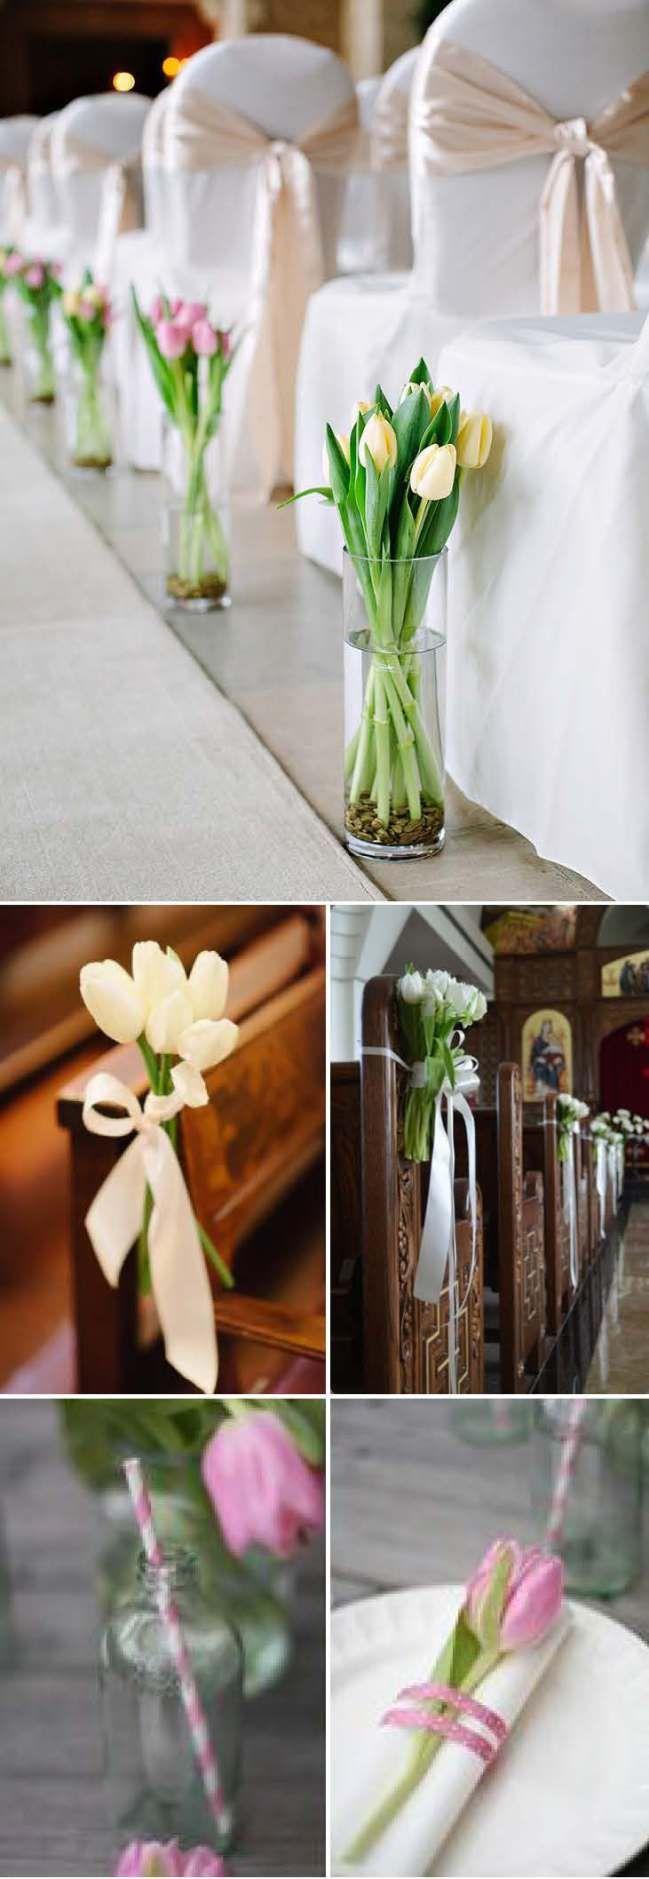 liebelein-will, Hochzeitsblog - Hochzeit, Blog, Tulpen, Deko